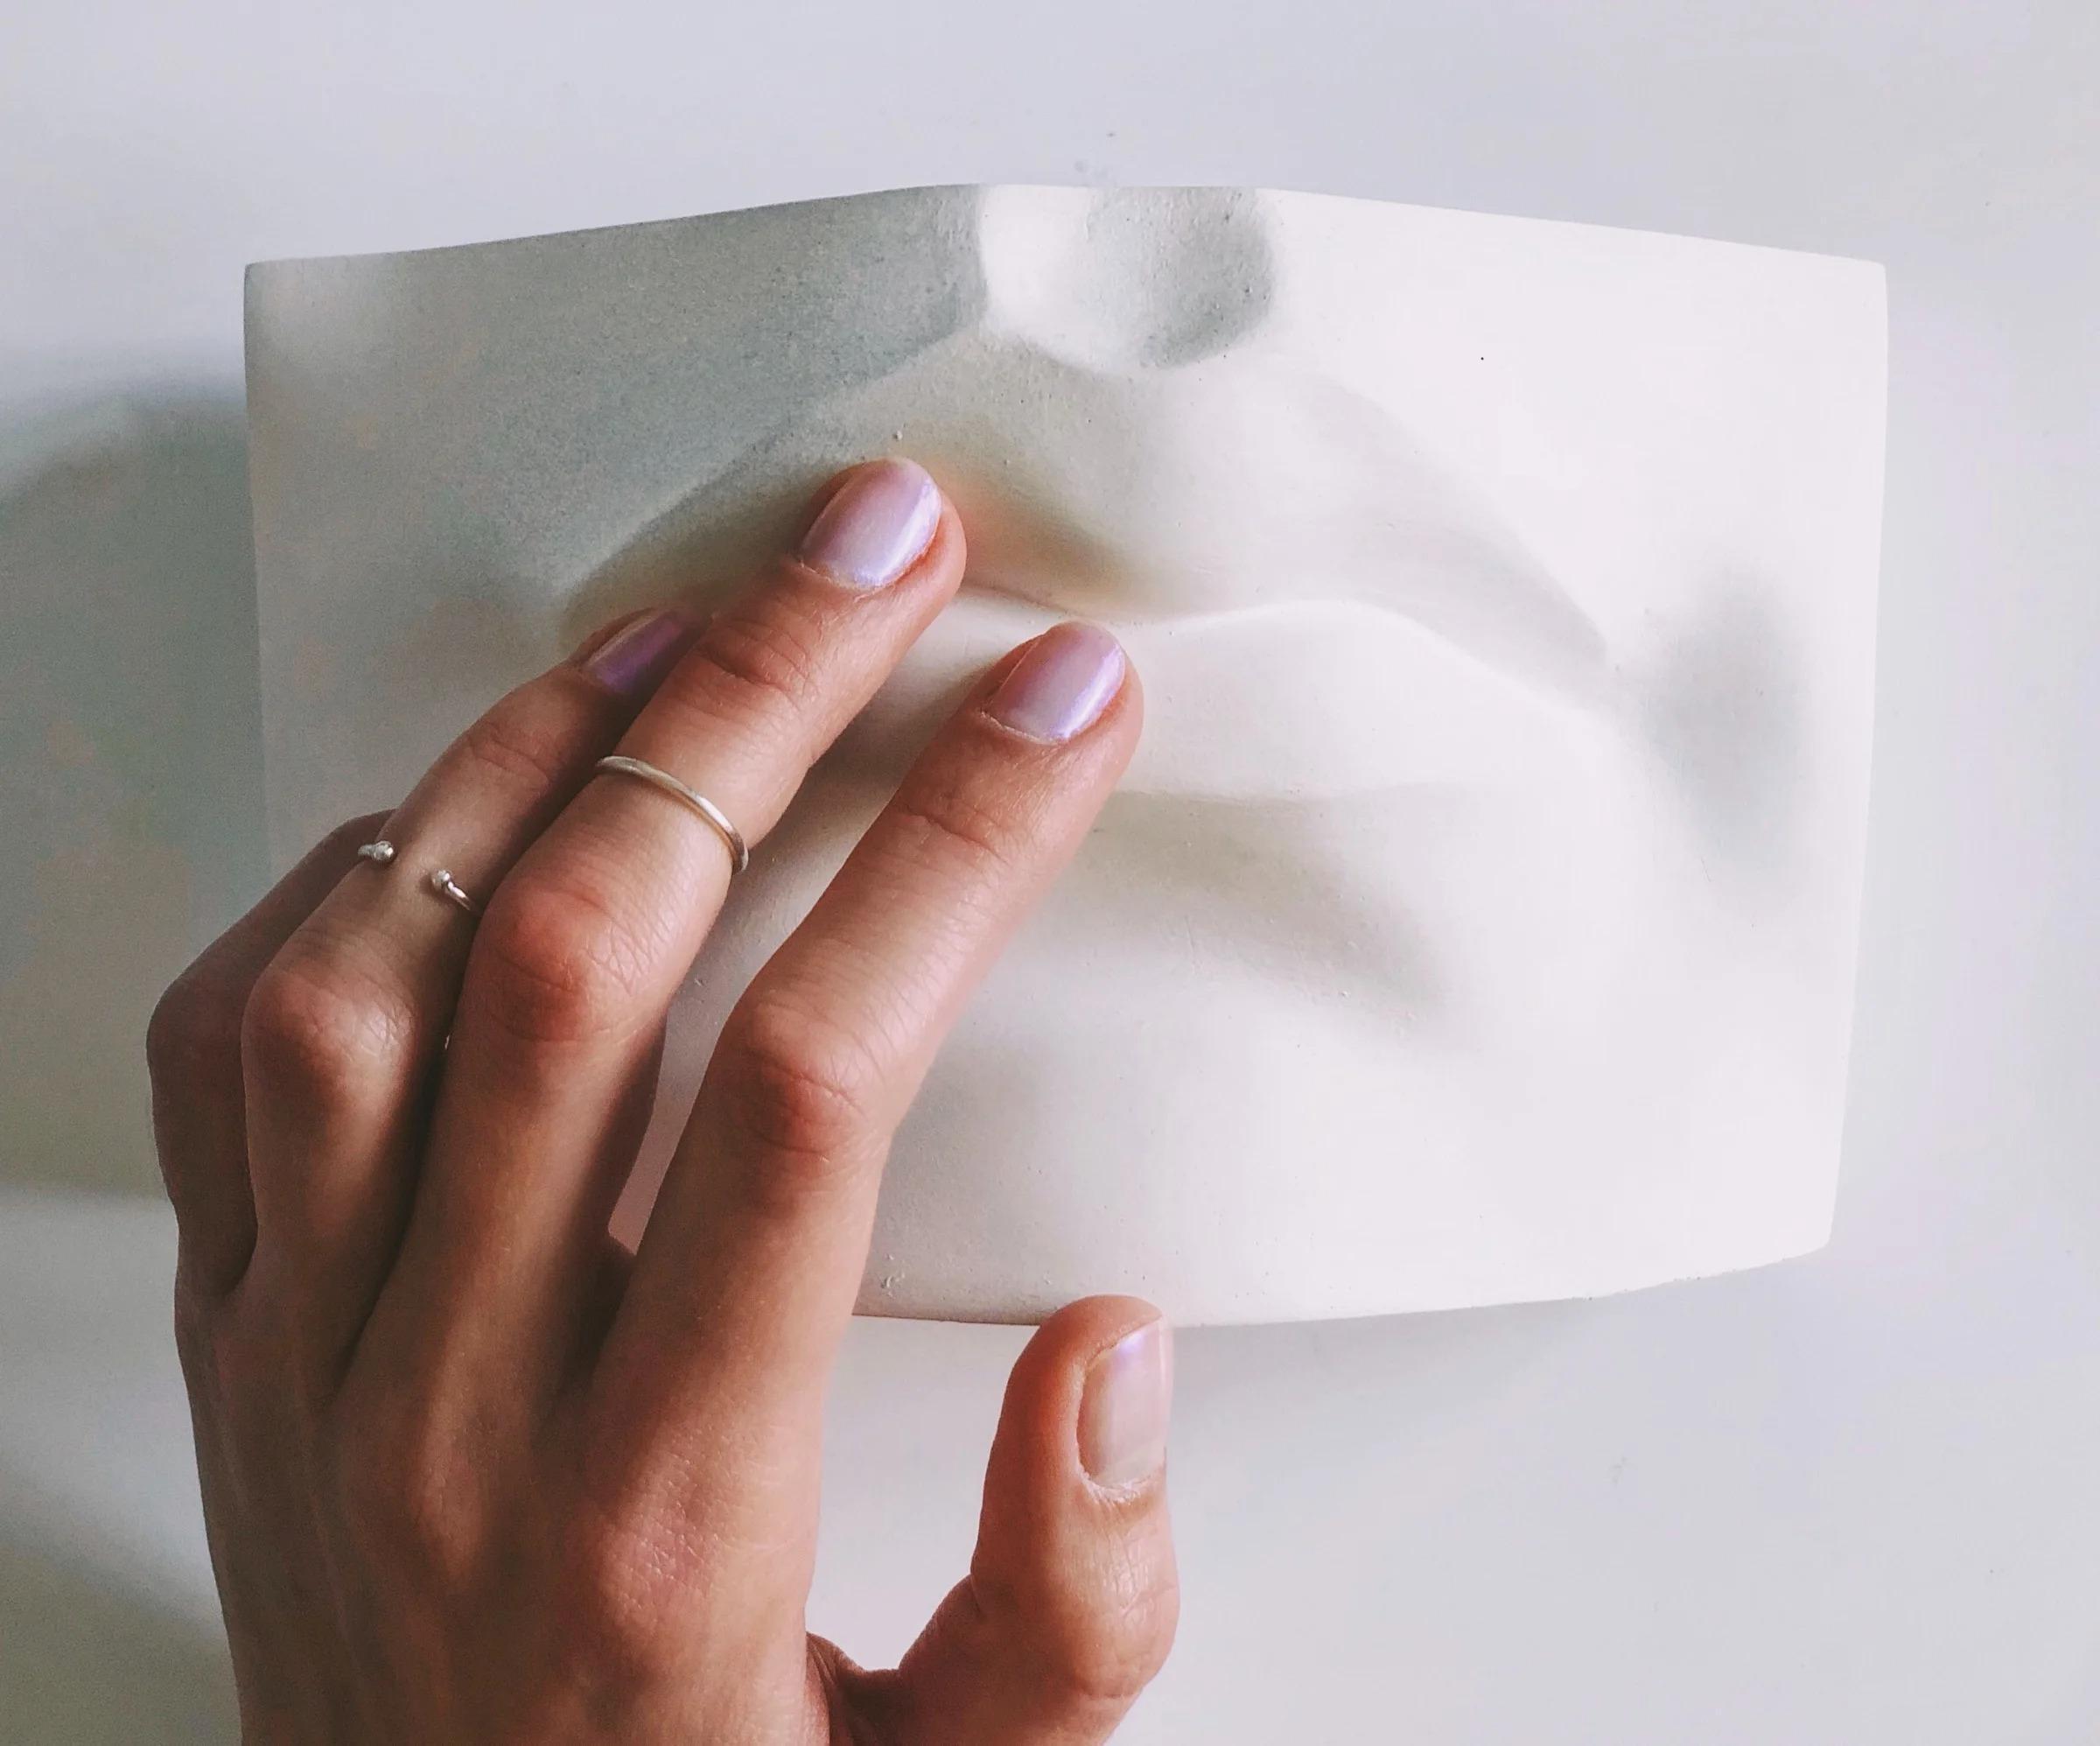 Как снять шеллак и ухаживать за руками в домашних условиях